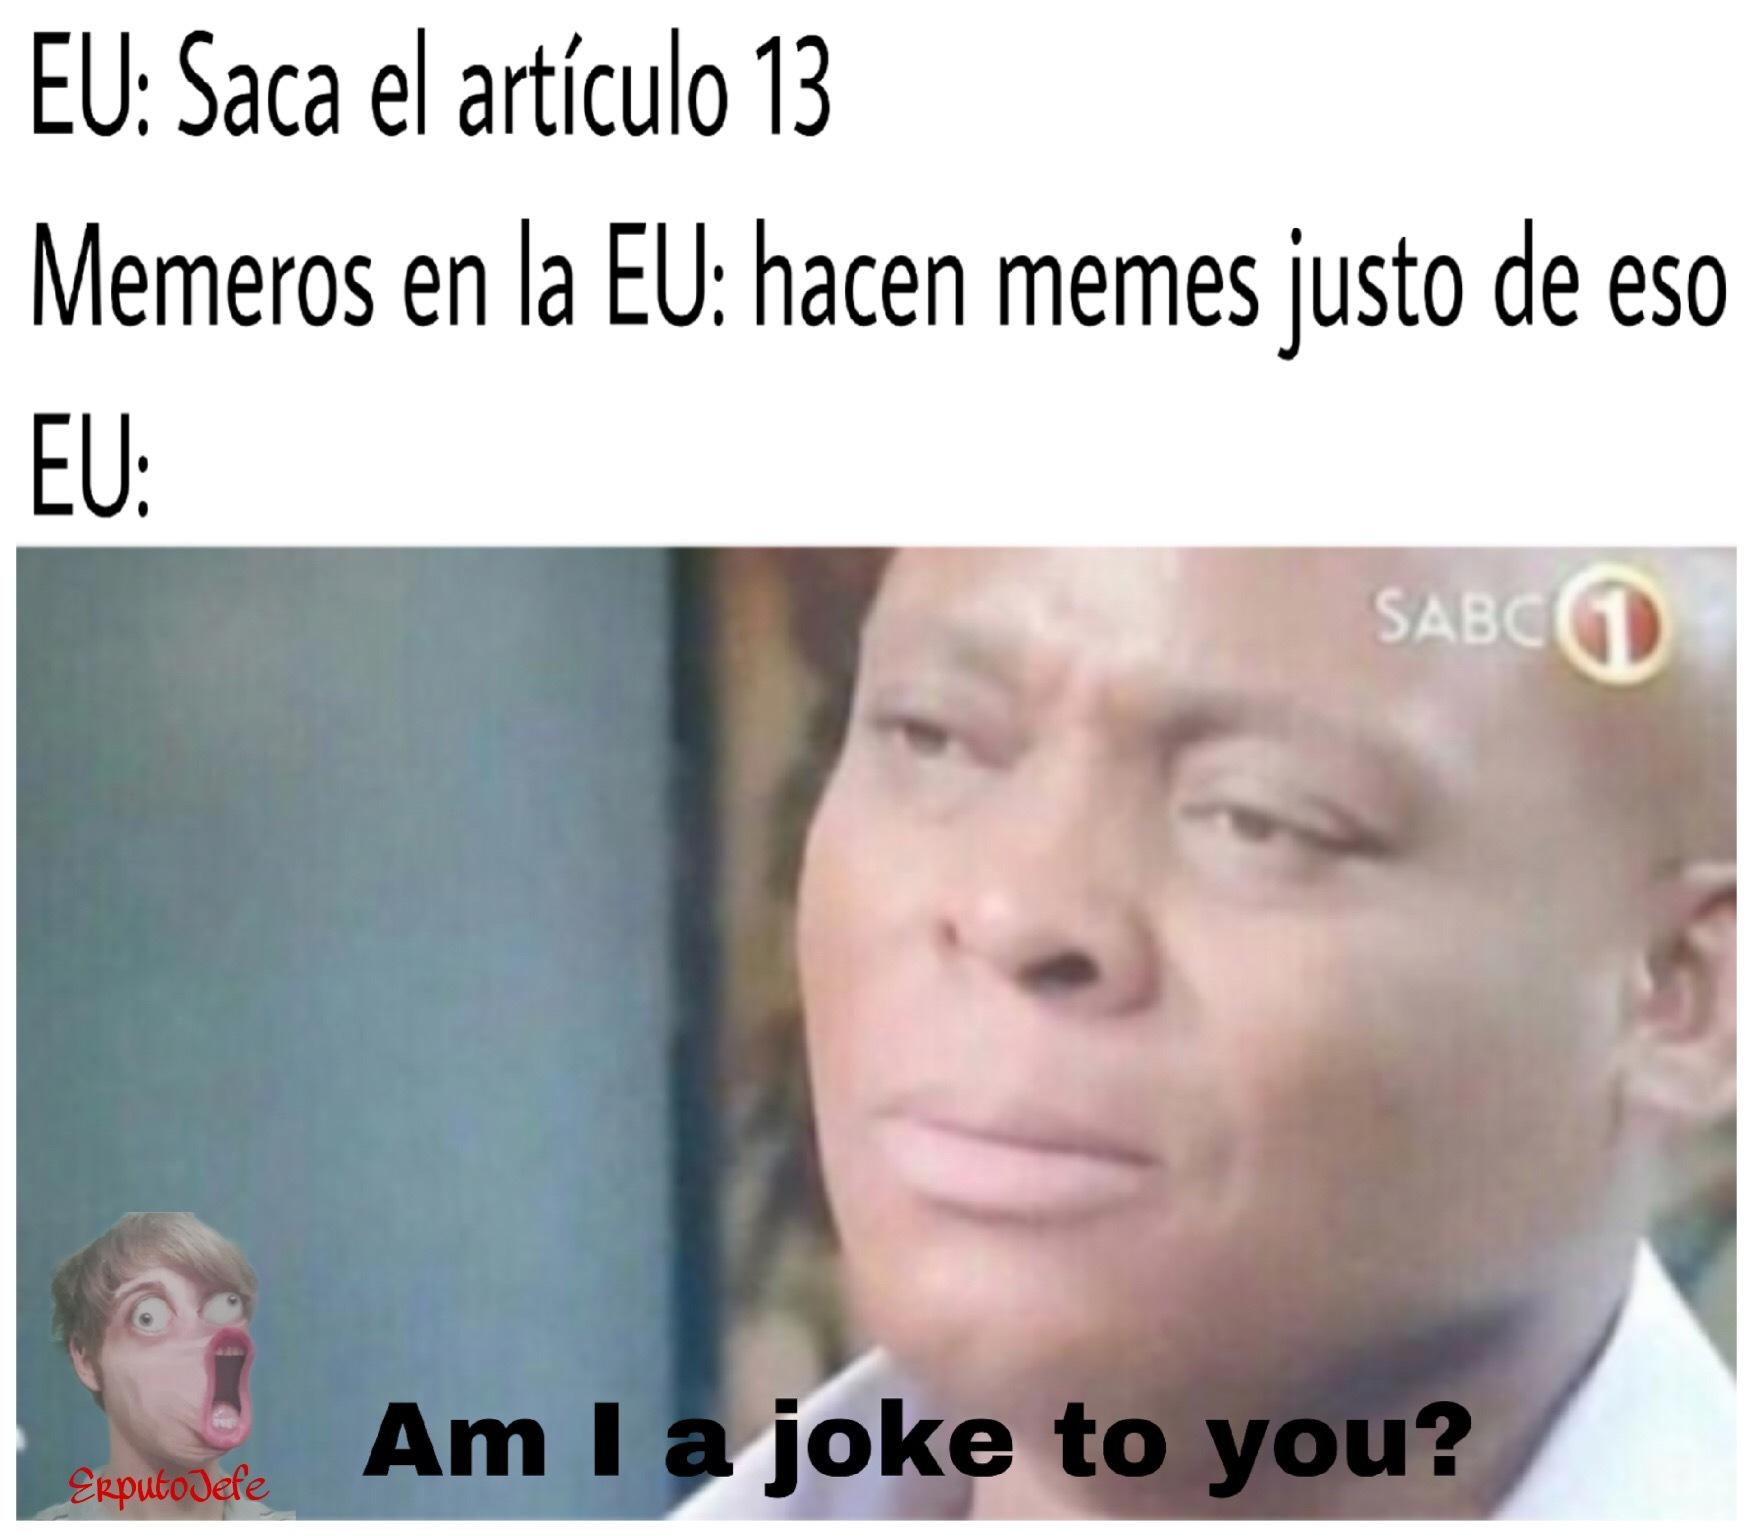 Hortaliza - meme